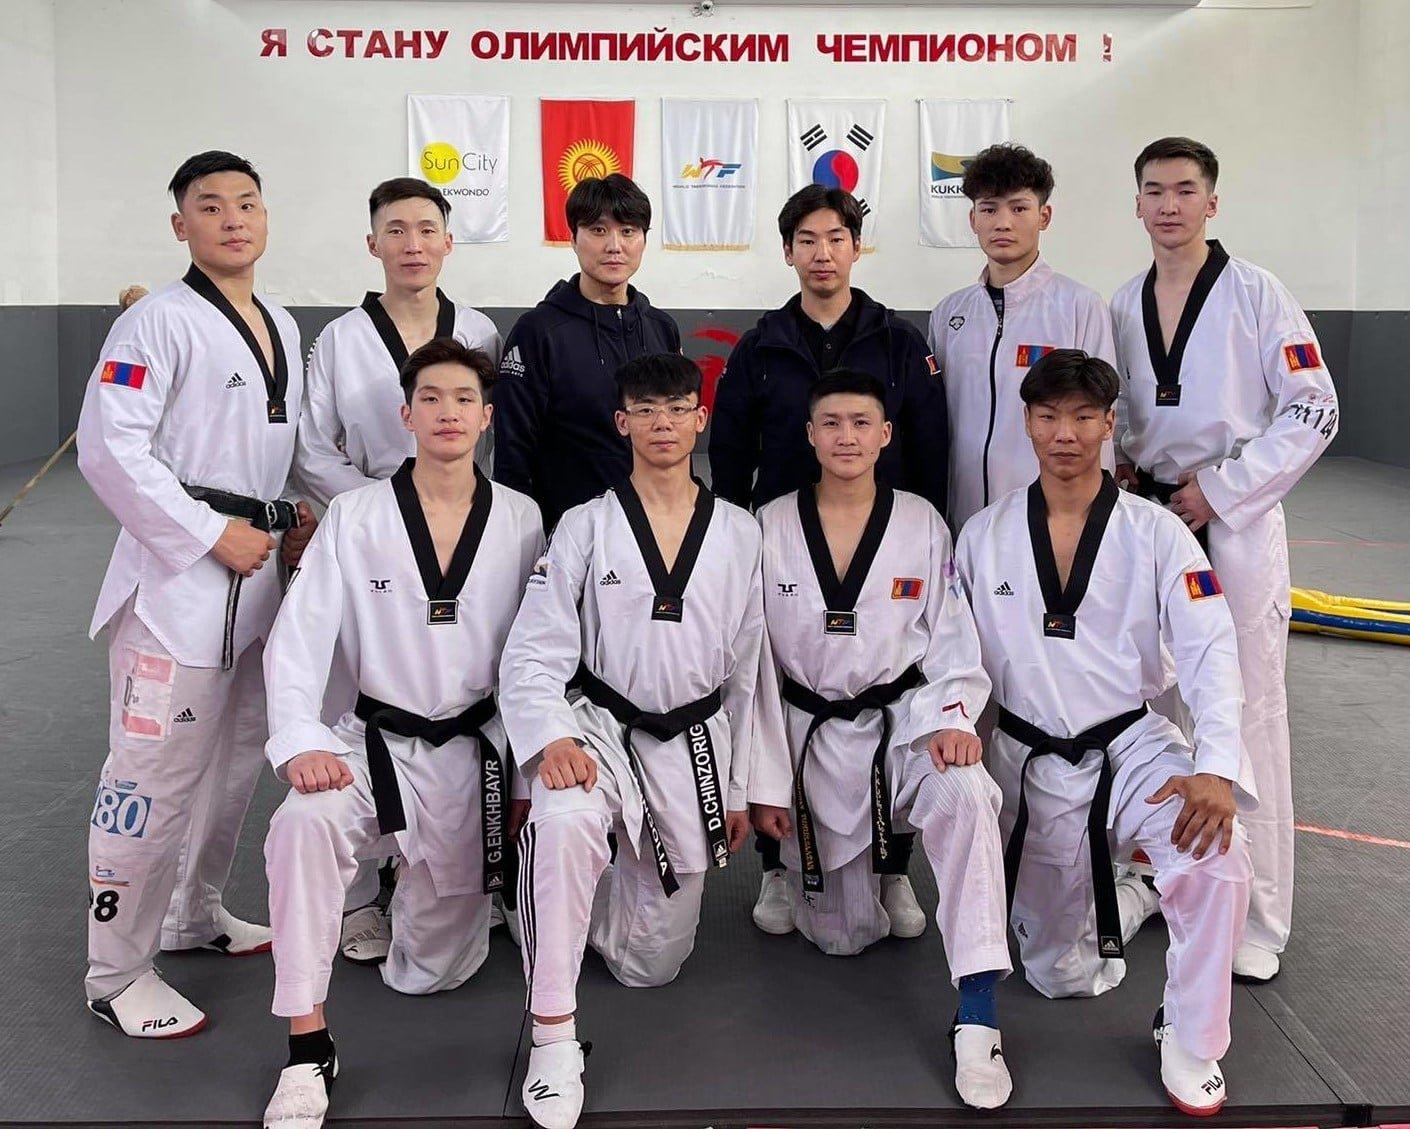 Тэквондочид олимп болон Азийн АШТ-ий бэлтгэлээ Кыргызстанд хангаж байна